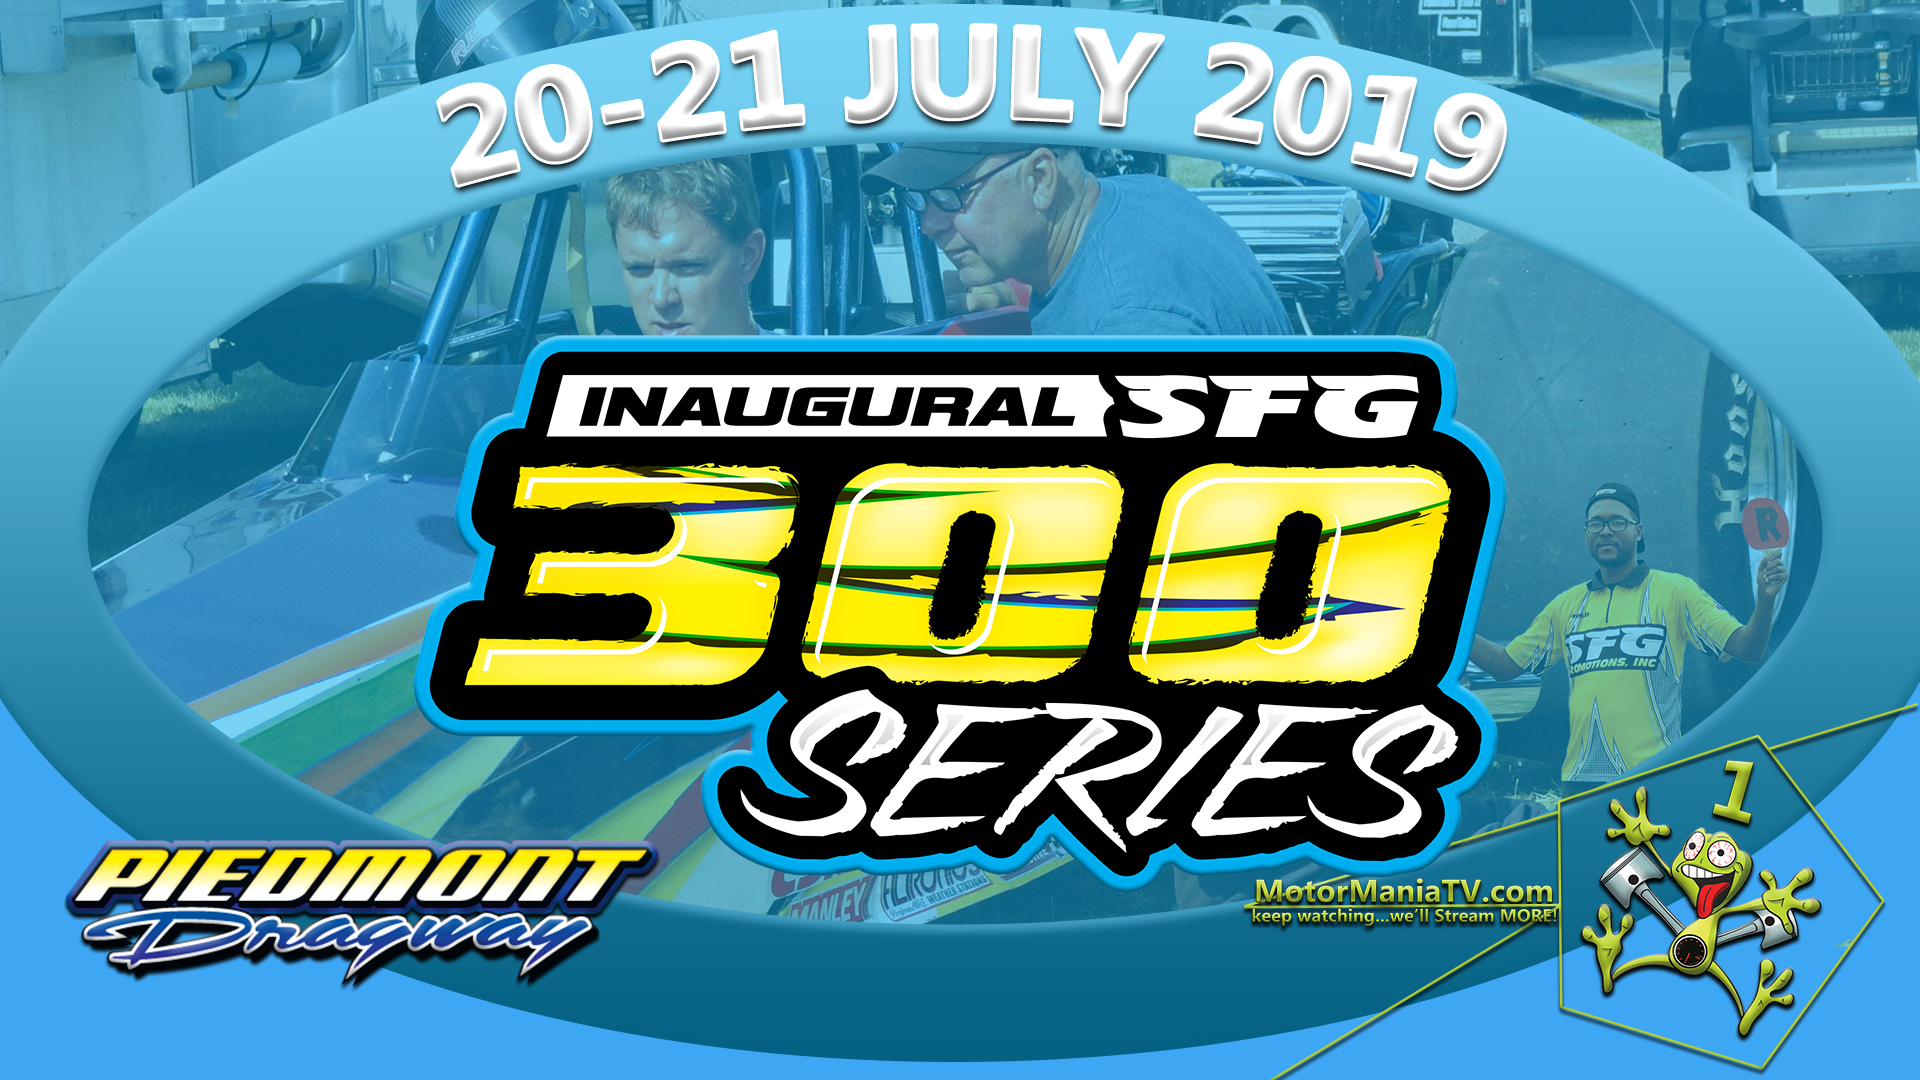 July20-21_SFG300-2019_Wps3